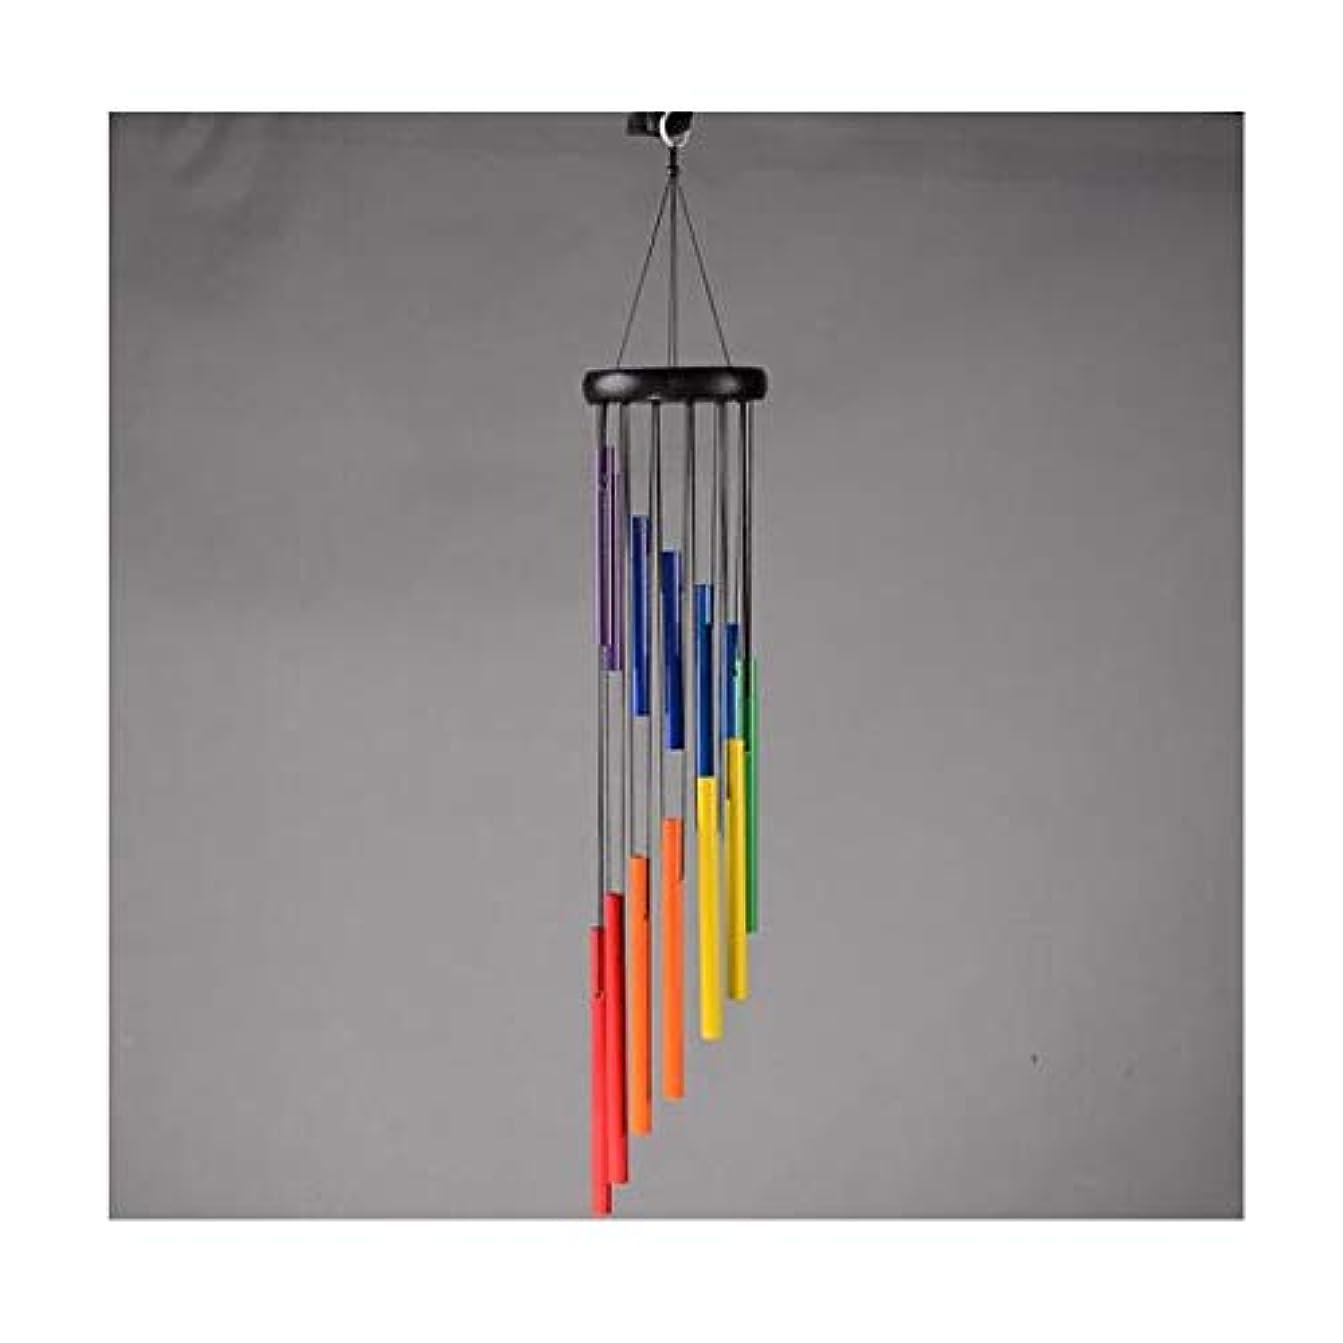 多様体これらさておき風チャイム、風チャイム、クリエイティブ誕生日プレゼント、女の子ベッドルームバルコニー装飾のペンダントを金属製の回転七つの色 (Size : 74*12cm)